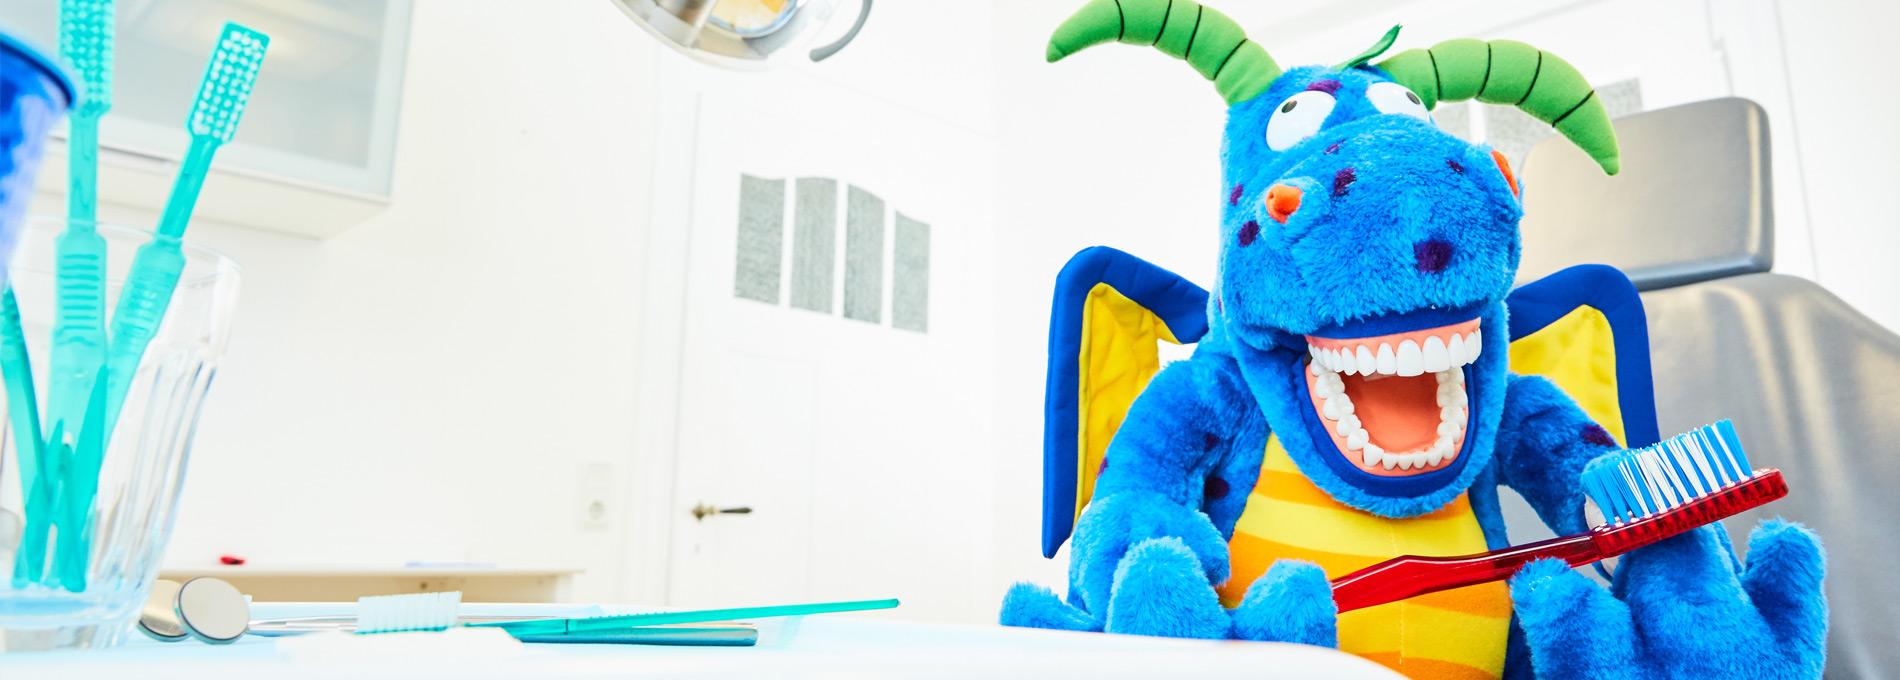 Zahnarztpraxis  Zahnrhein in Walluf - Kinderbehandlung 2